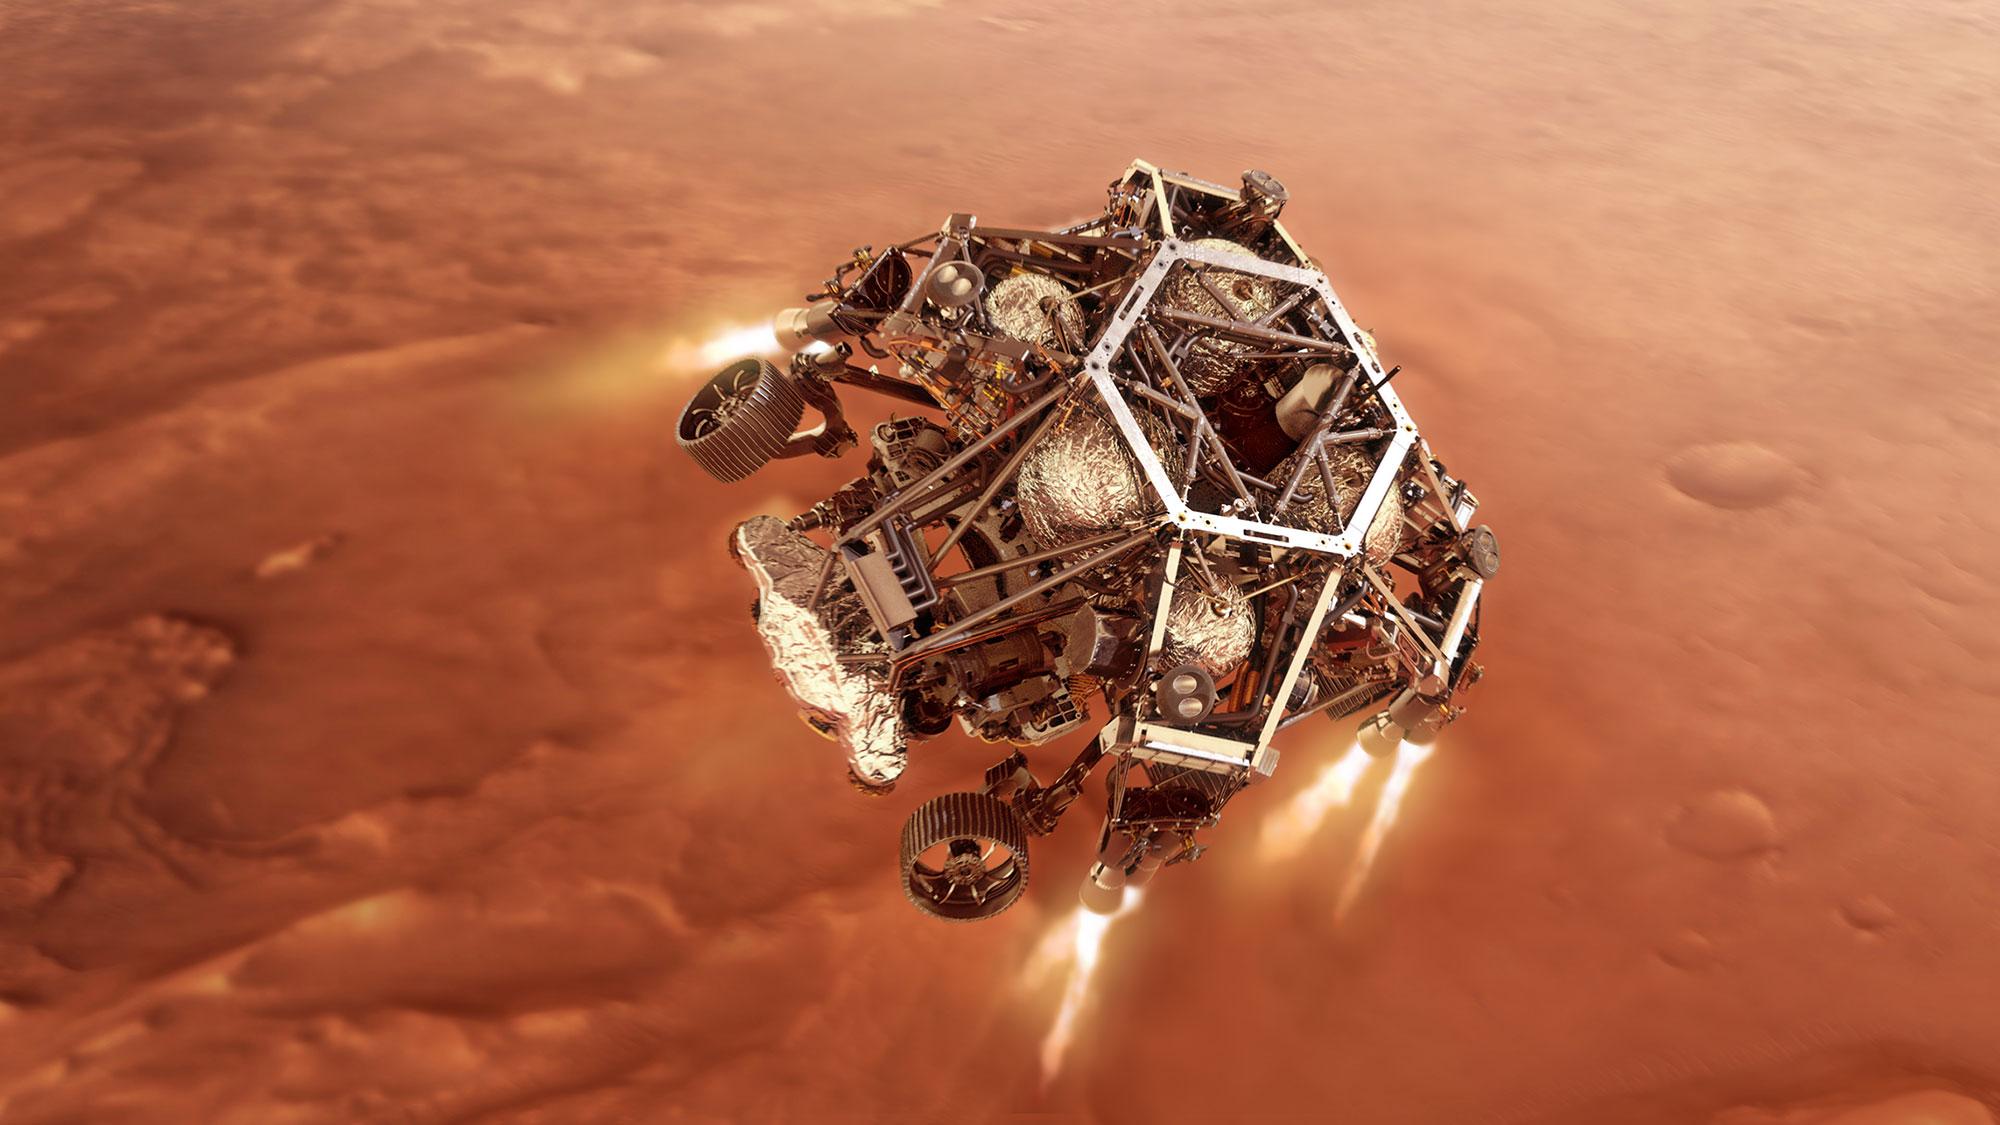 leszállt a Marson a Perseverance - Délnyugat Krónika / delnyugatkronika /